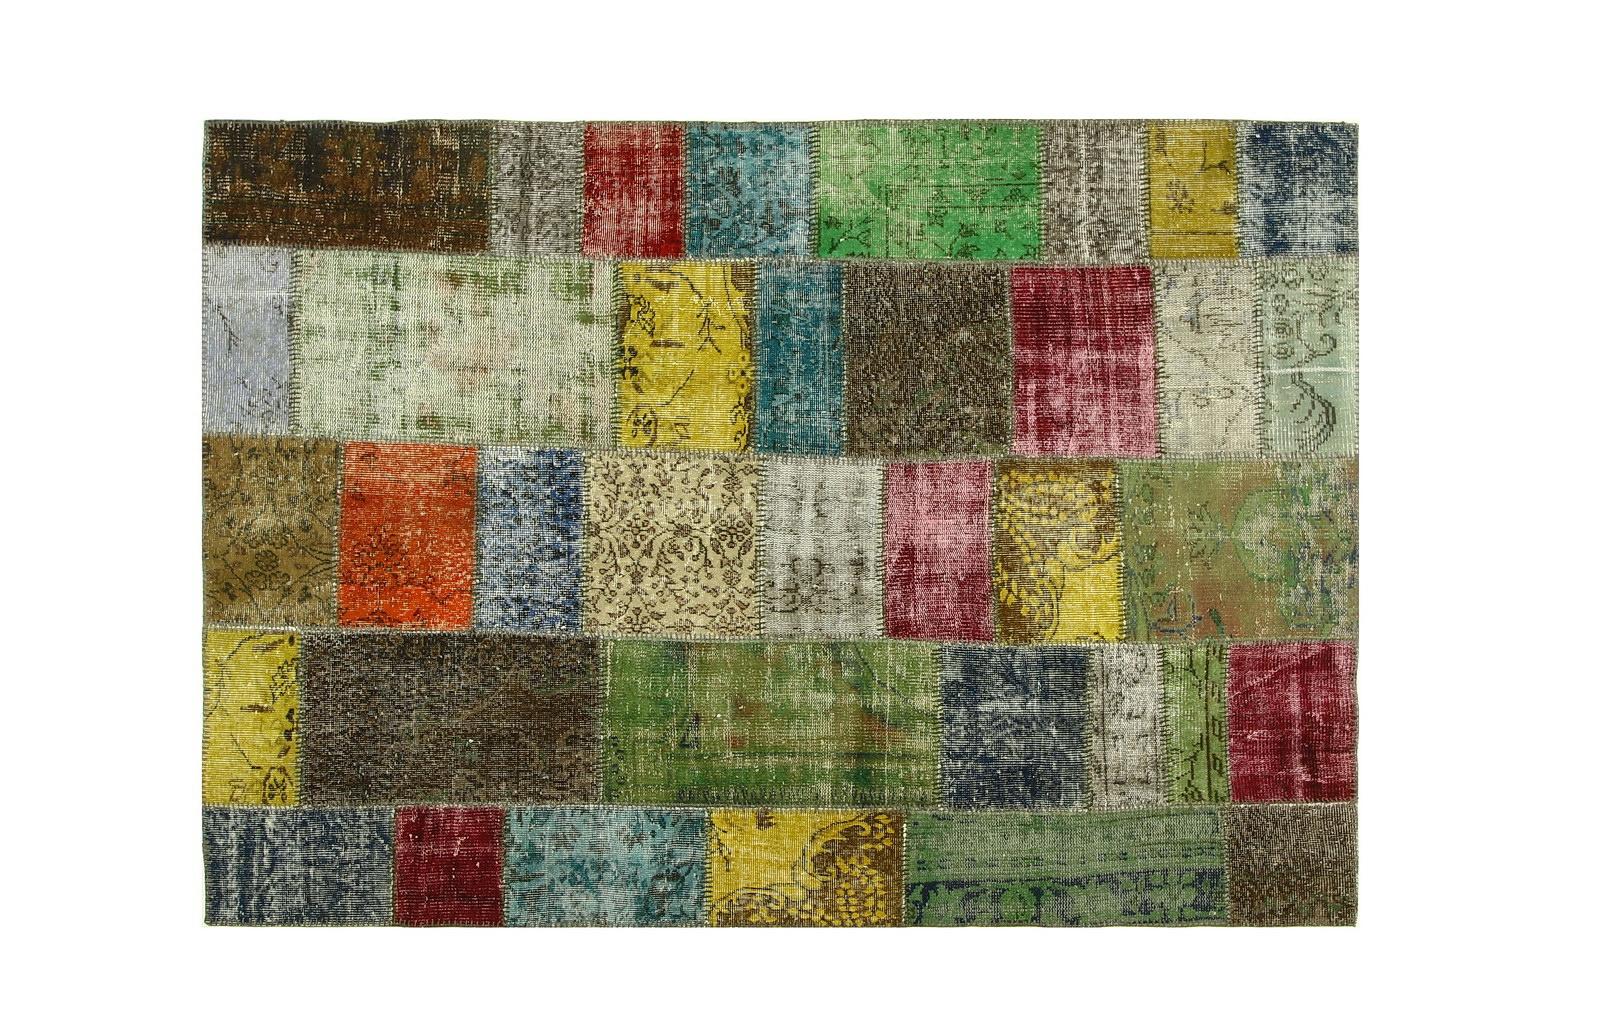 Vintage patchwork vloerkleed 240cm x 168cm (nr7479)   Dit vloerkleed verwachten wij rond 10 december binnen